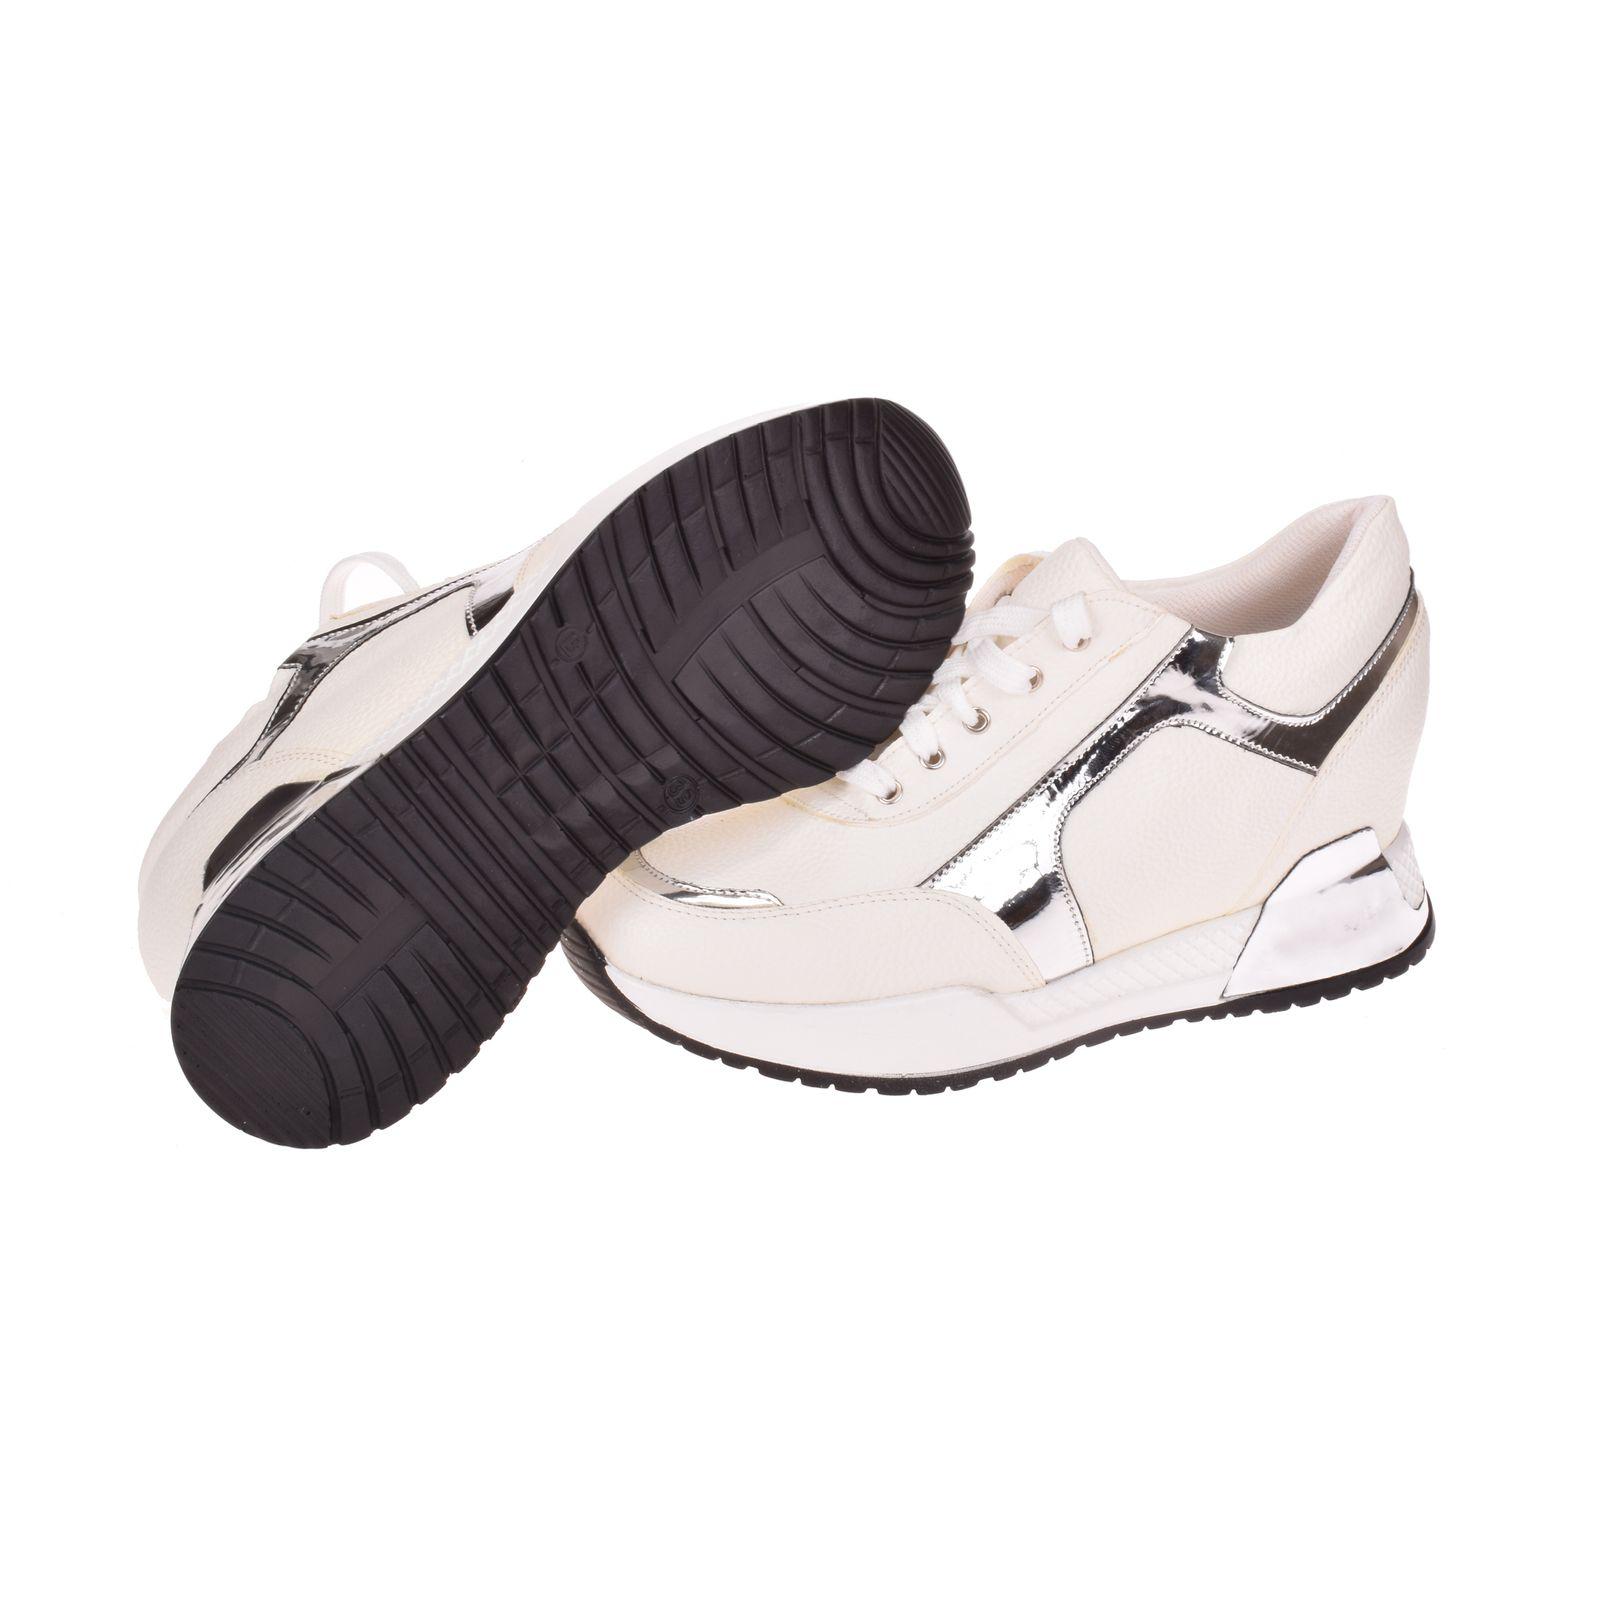 کفش روزمره زنانه مدل Floater-W -  - 3